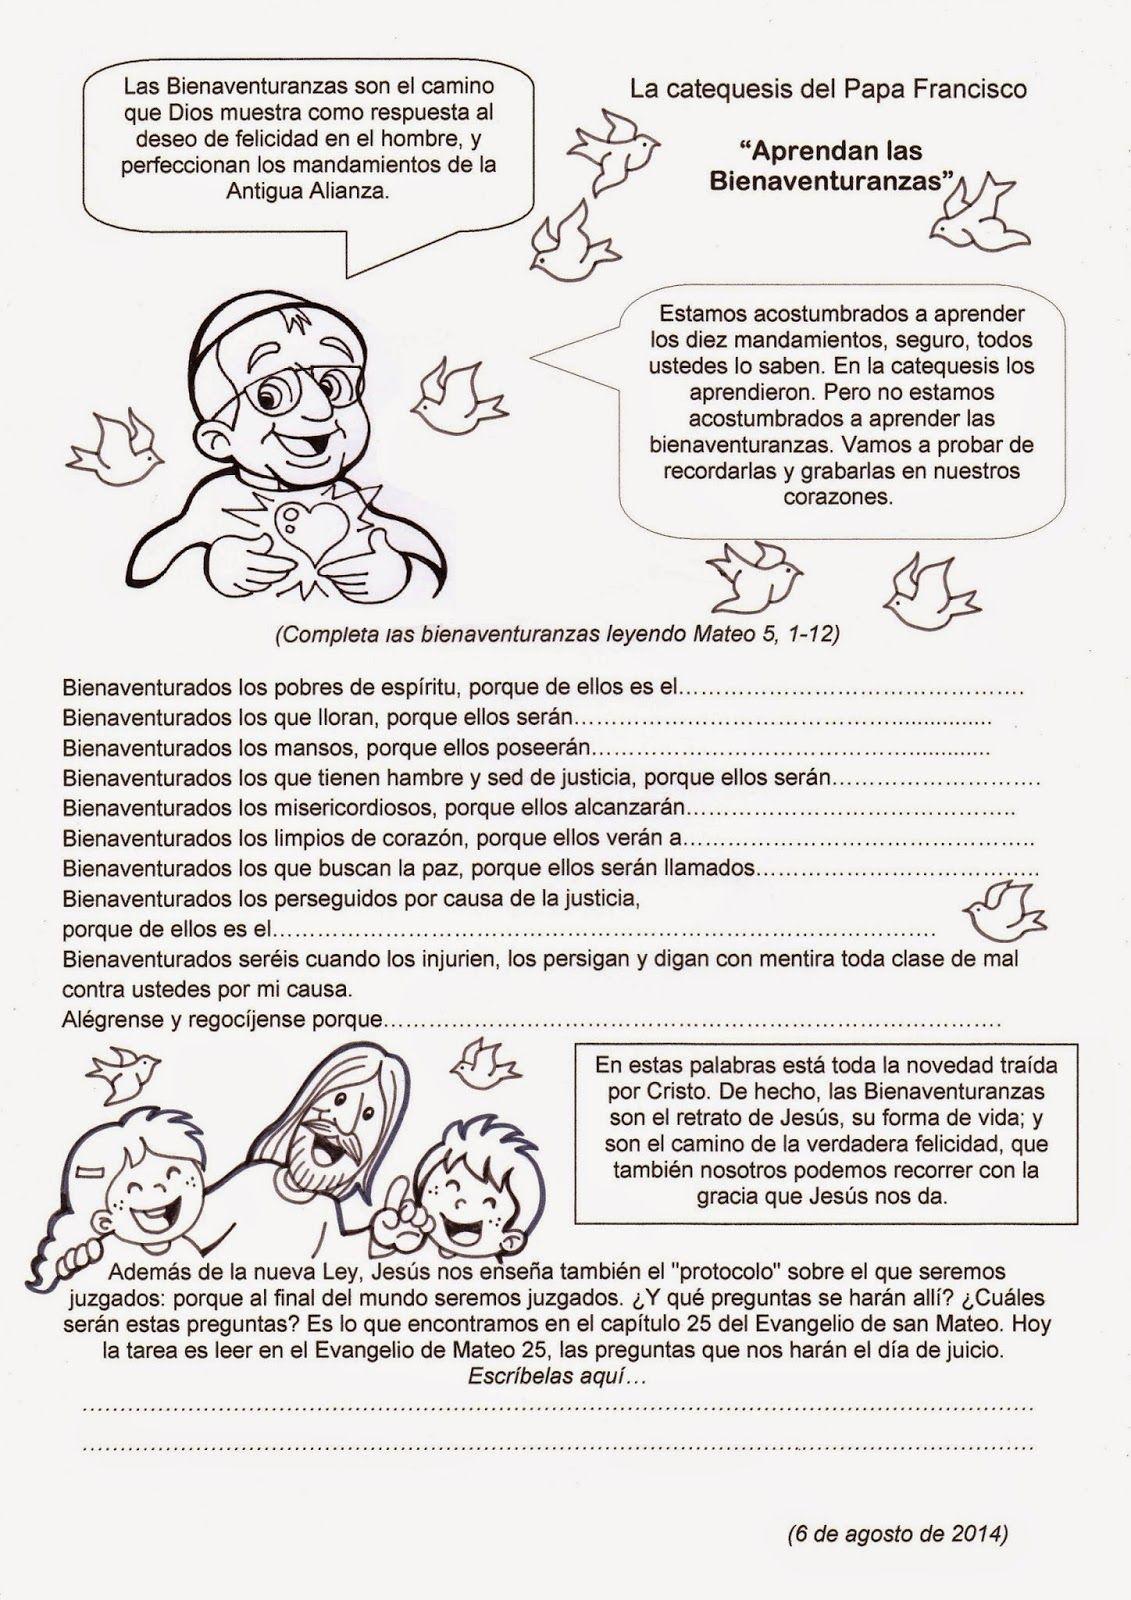 El Rincón De Las Melli La Catequesis Del Papa Francisco Aprendan Las Bienaventuranzas Catequesis Bienaventuranzas Temas De Catequesis